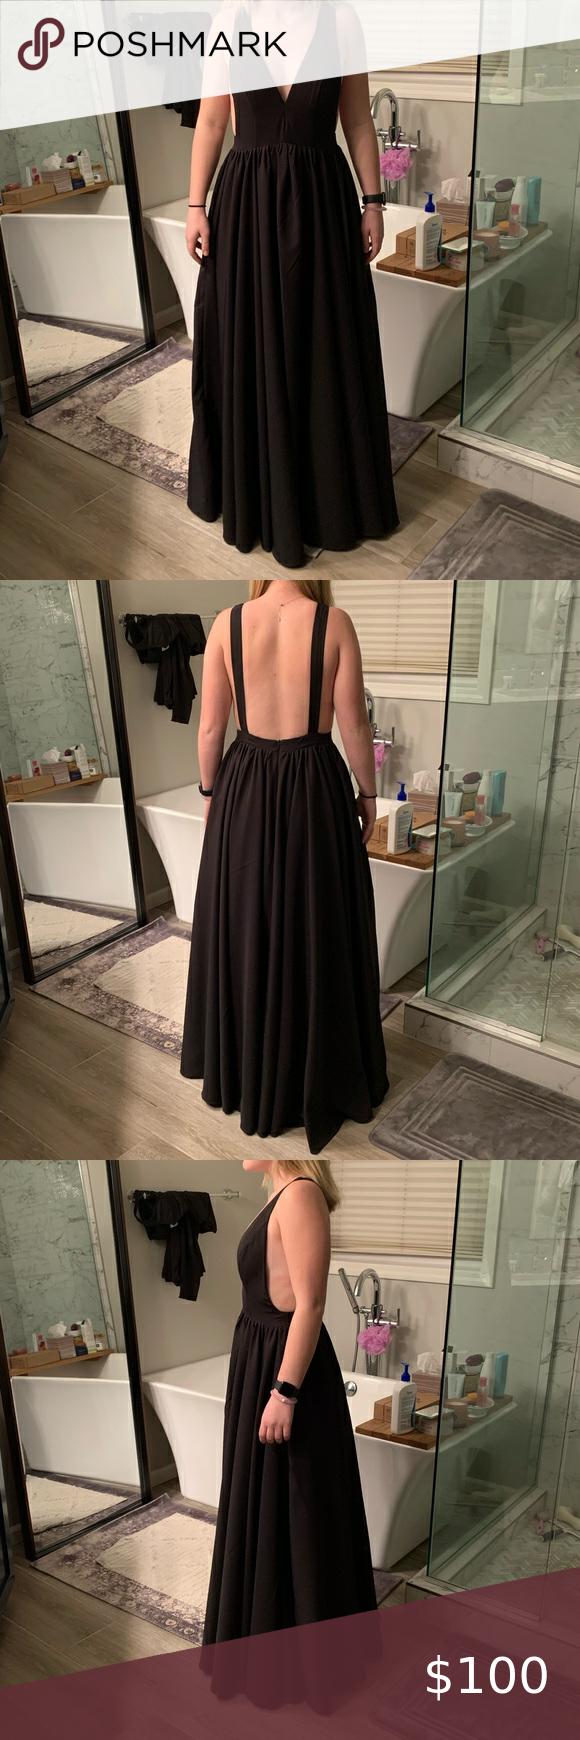 Black Prom Dress Black Prom Dress Prom Dresses Dresses [ 1740 x 580 Pixel ]